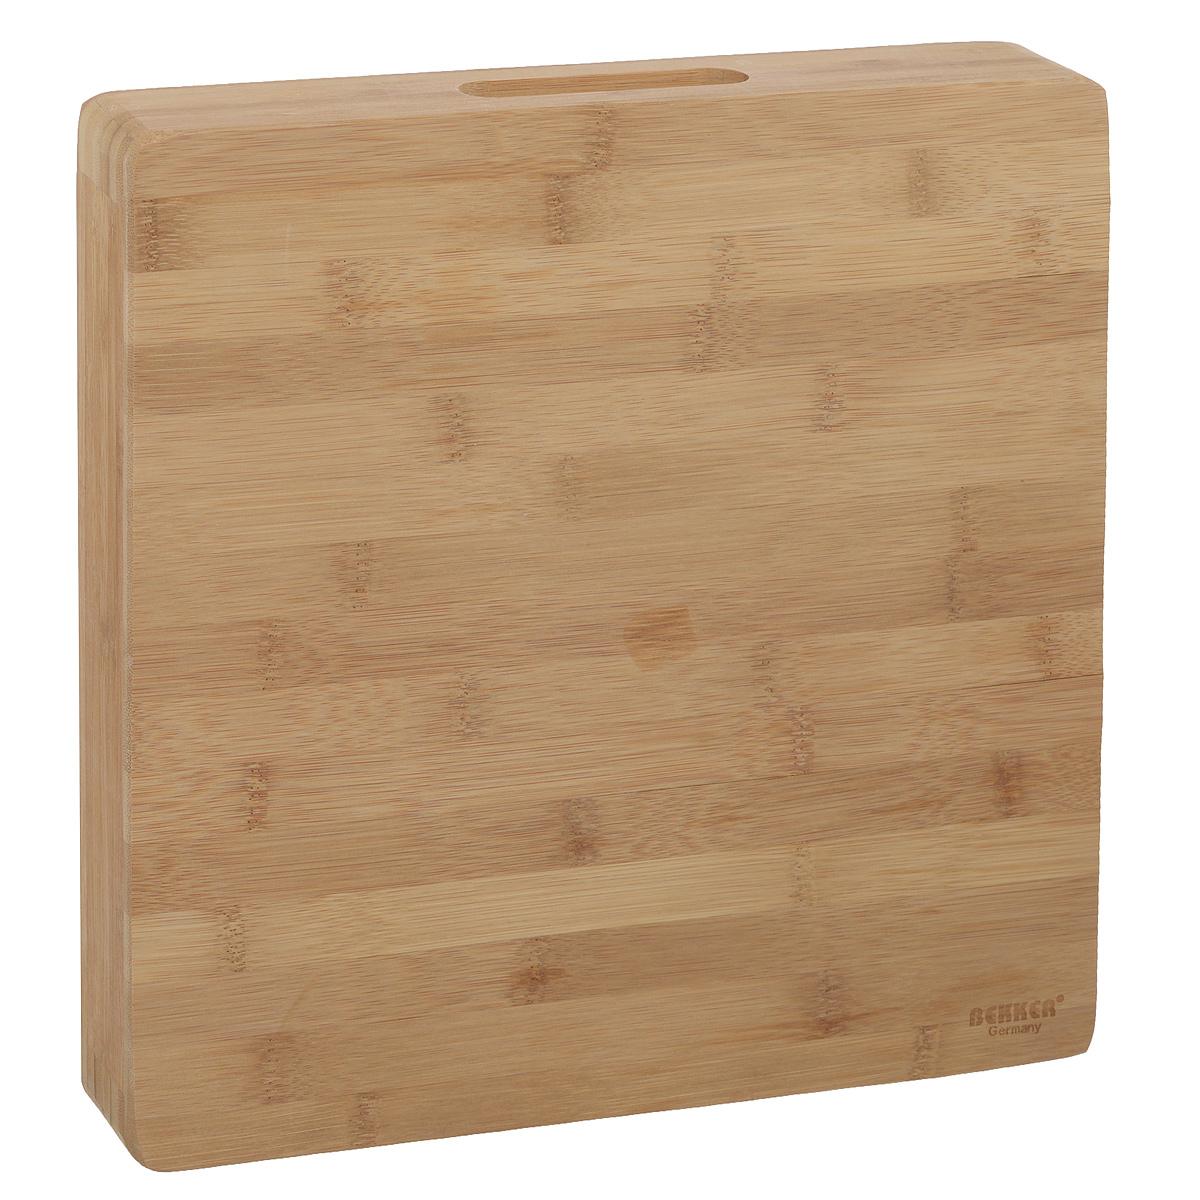 Доска разделочная Bekker, бамбуковая, 30 см х 30 см. BK-9722BK-9722Квадратная разделочная доска Bekker изготовлена из высококачественной древесины бамбука, обладающей антибактериальными свойствами. Бамбук - инновационный материал, идеально подходящий для разделочных досок. Доски из бамбука обладают высокой плотностью структуры древесины, а также устойчивы к механическим воздействиям. Доска оснащена углублениями сбоку. Функциональная и простая в использовании, разделочная доска Bekker прекрасно впишется в интерьер любой кухни и прослужит вам долгие годы.